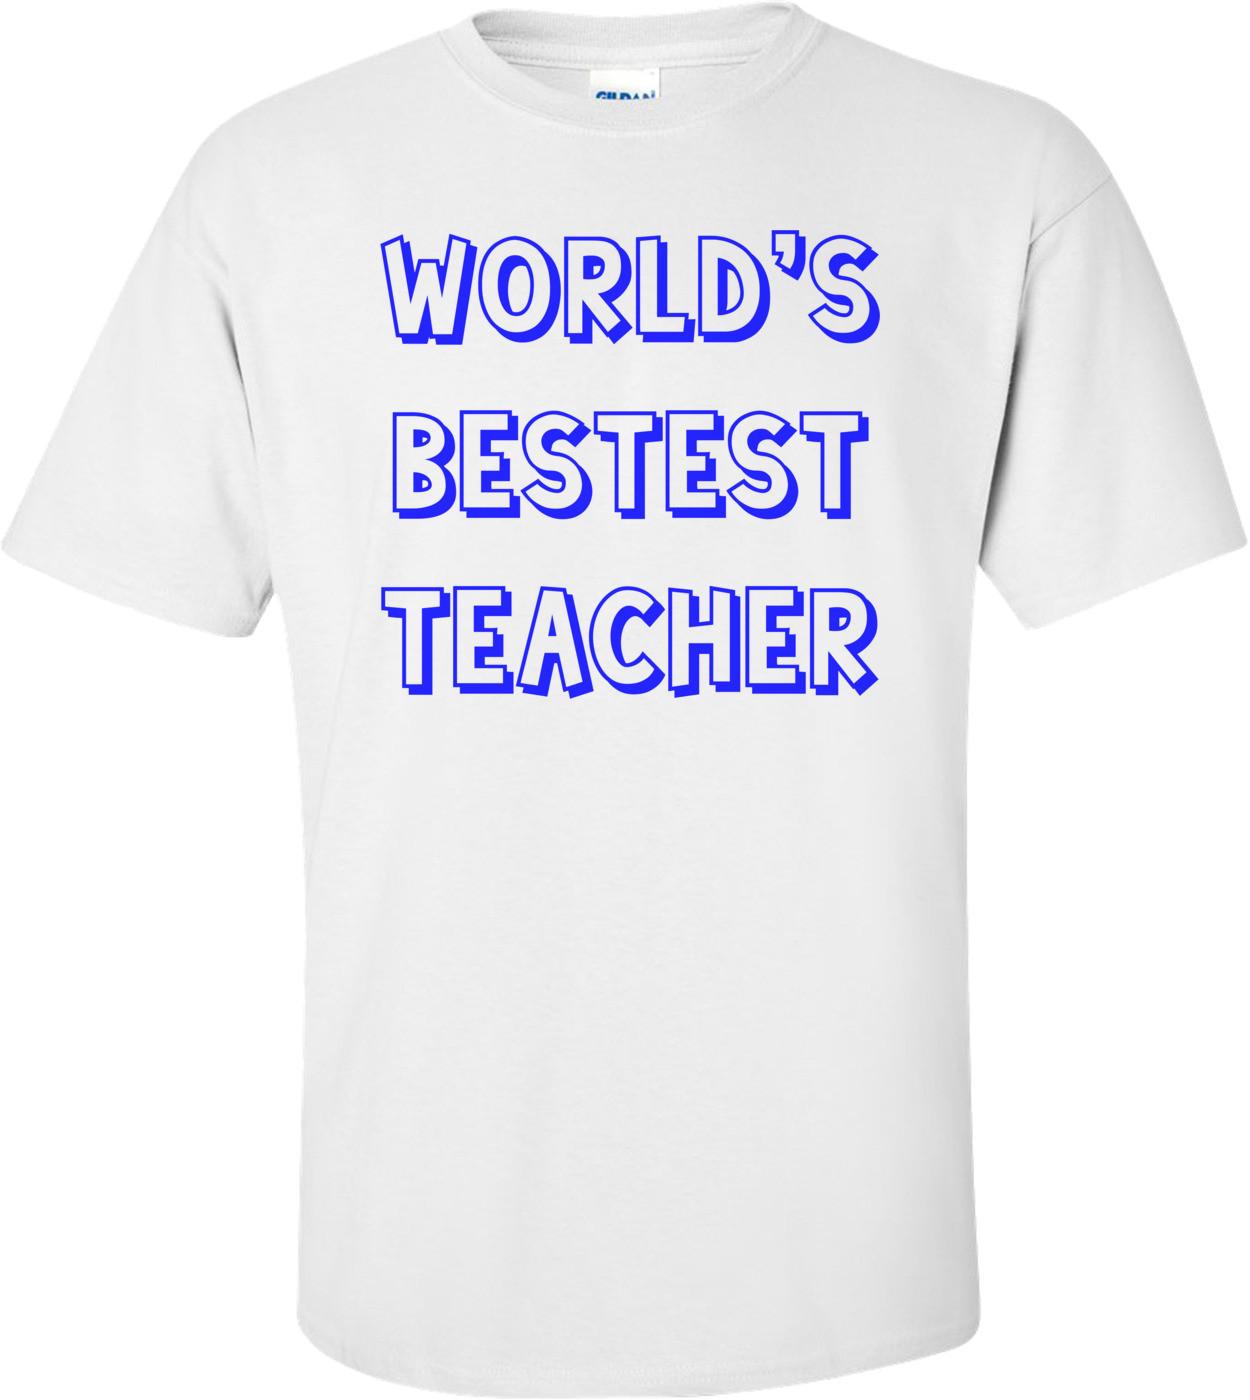 World's Bestest Teacher Shirt